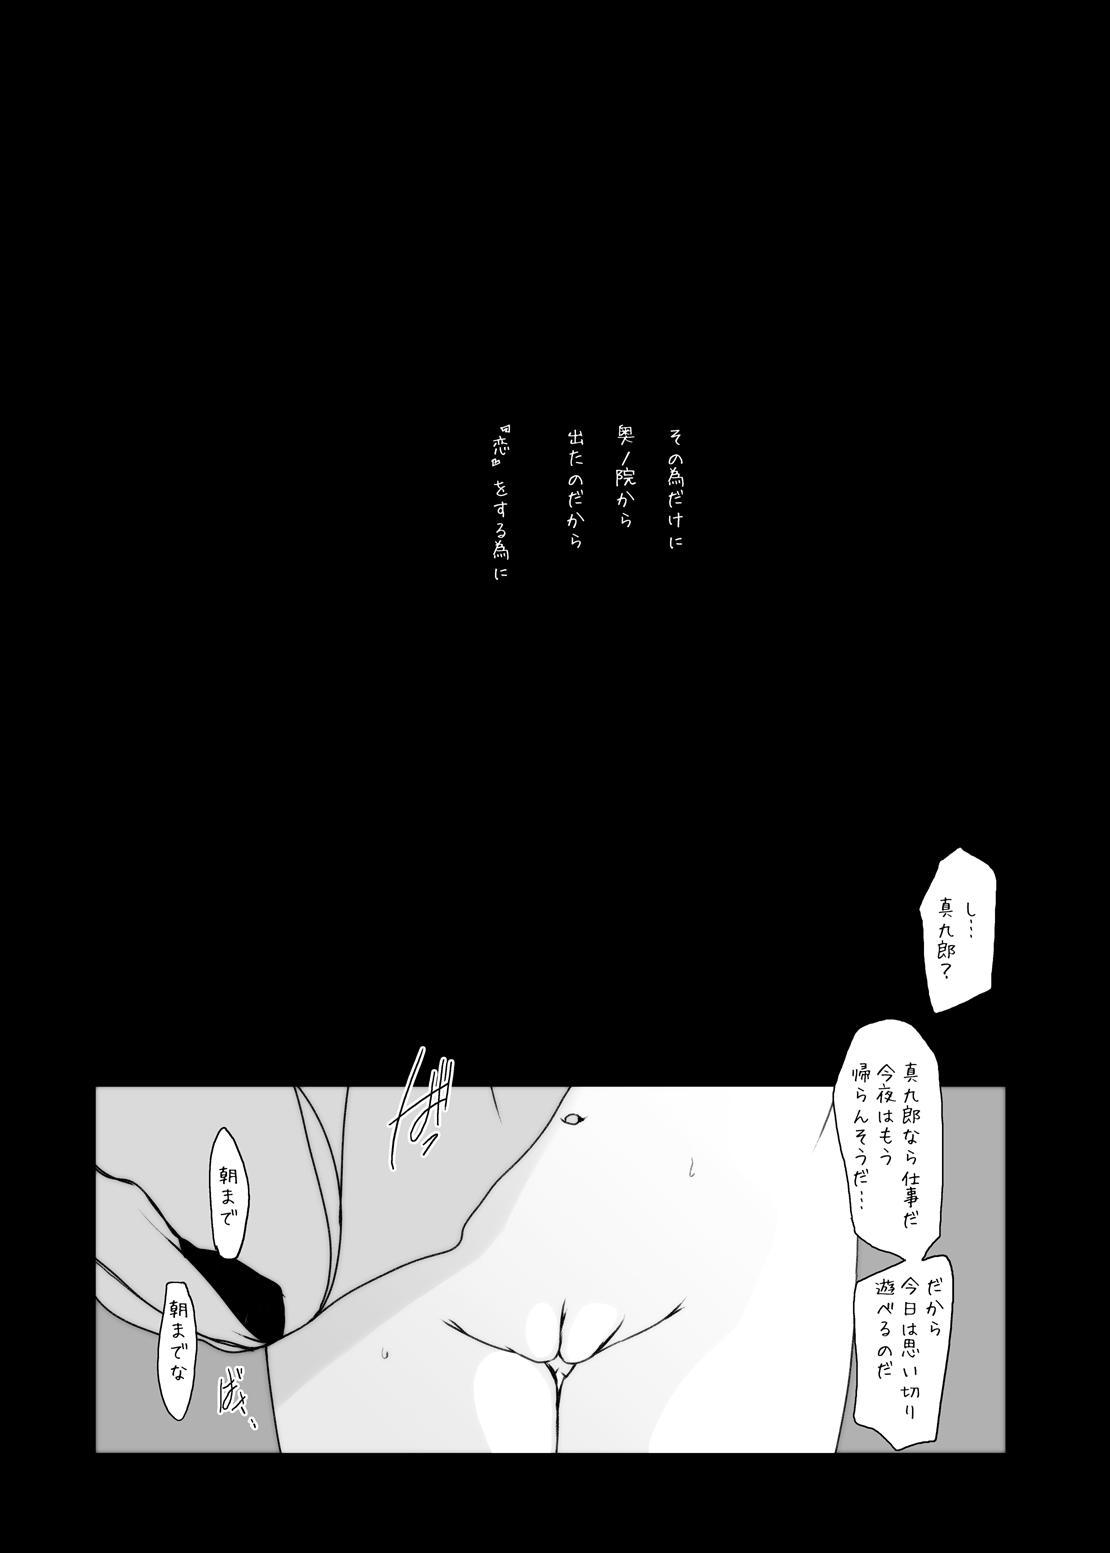 Murasaki no Iro - Kuhouin Murasaki Bon Soushuuhen 2 98